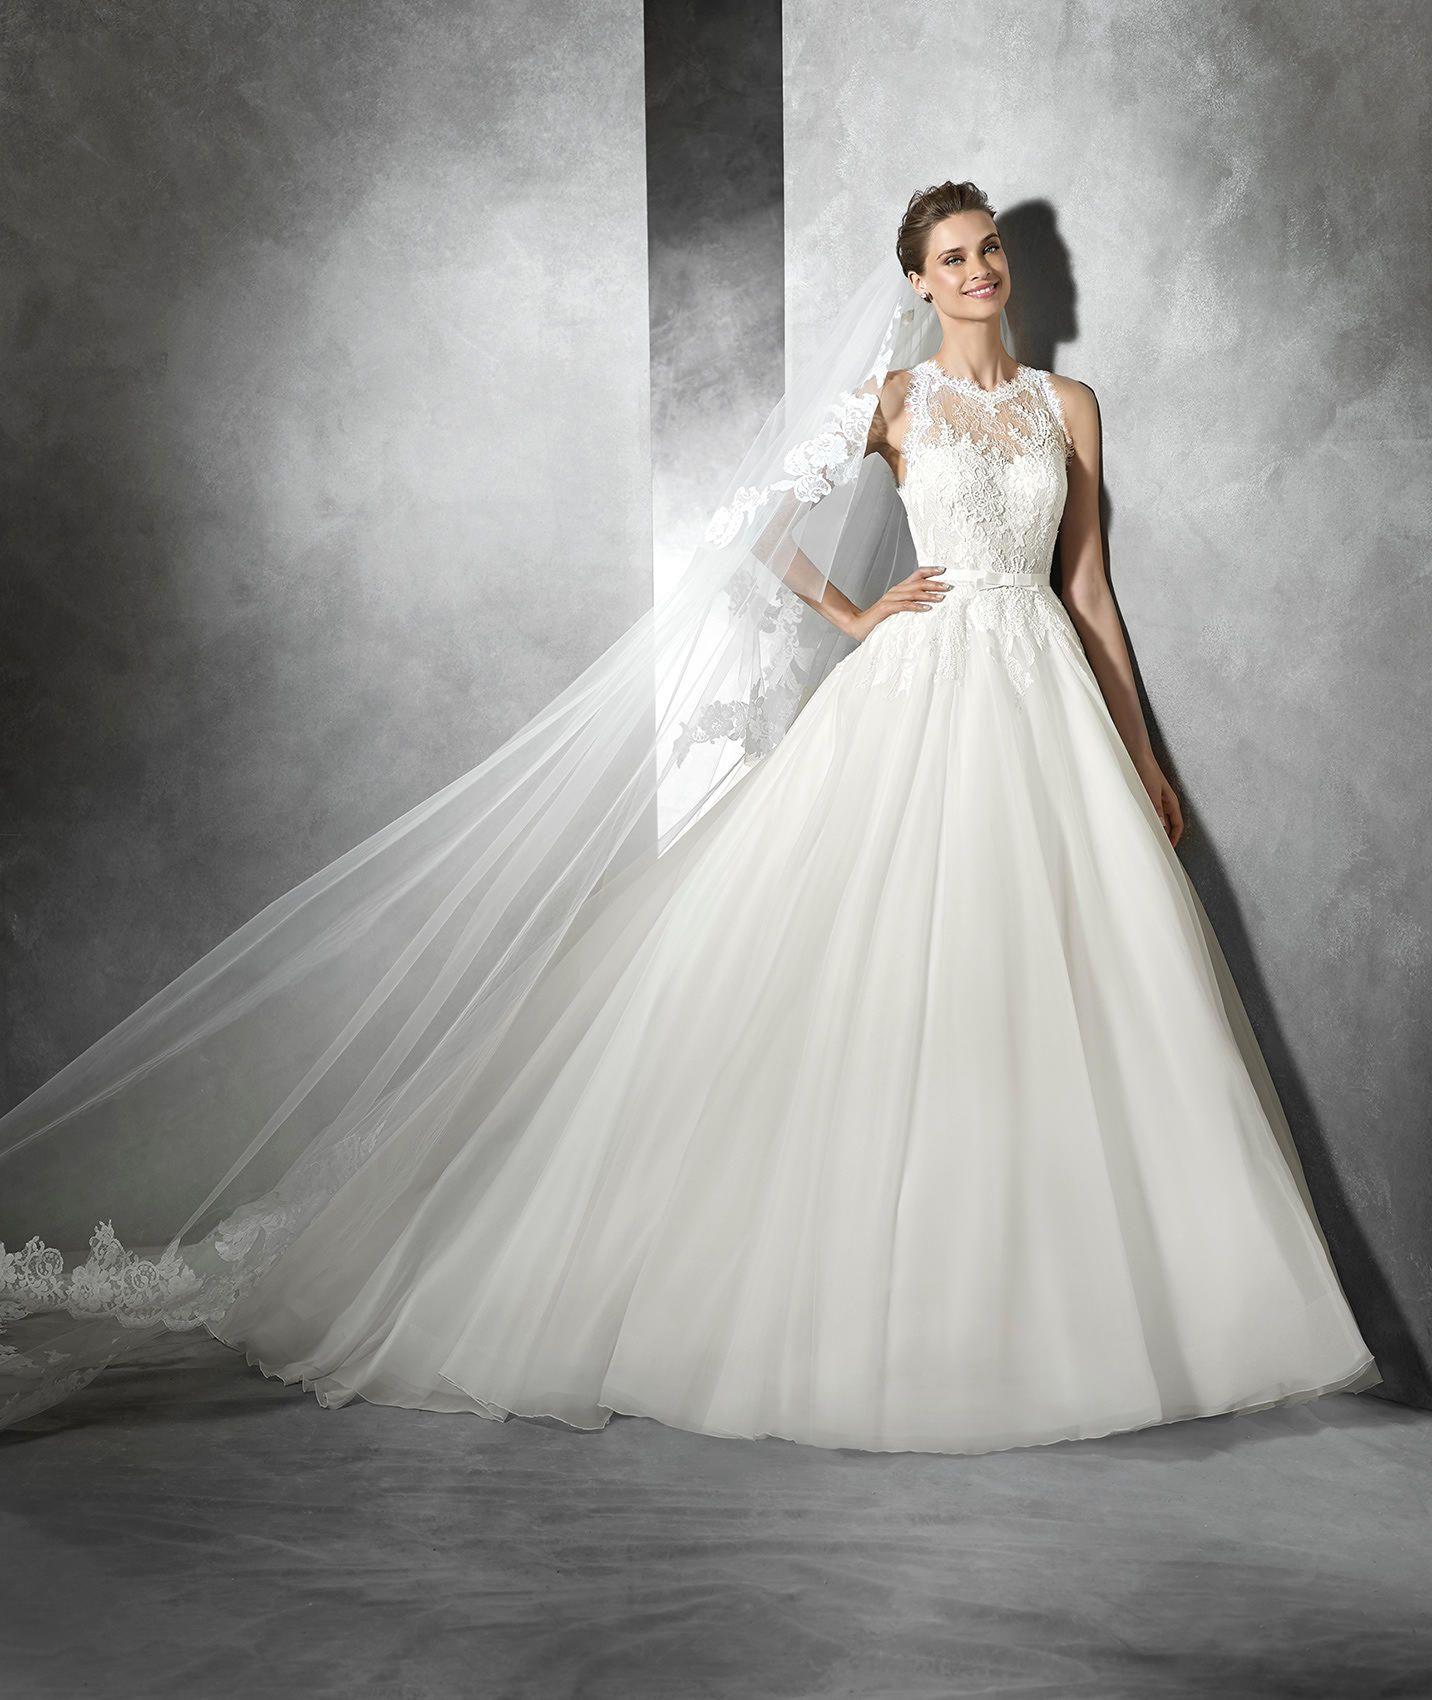 Tekla wedding dress with gemstone embroidery and sweetheart tekla wedding dress with gemstone embroidery and sweetheart neckline pronovias ombrellifo Choice Image